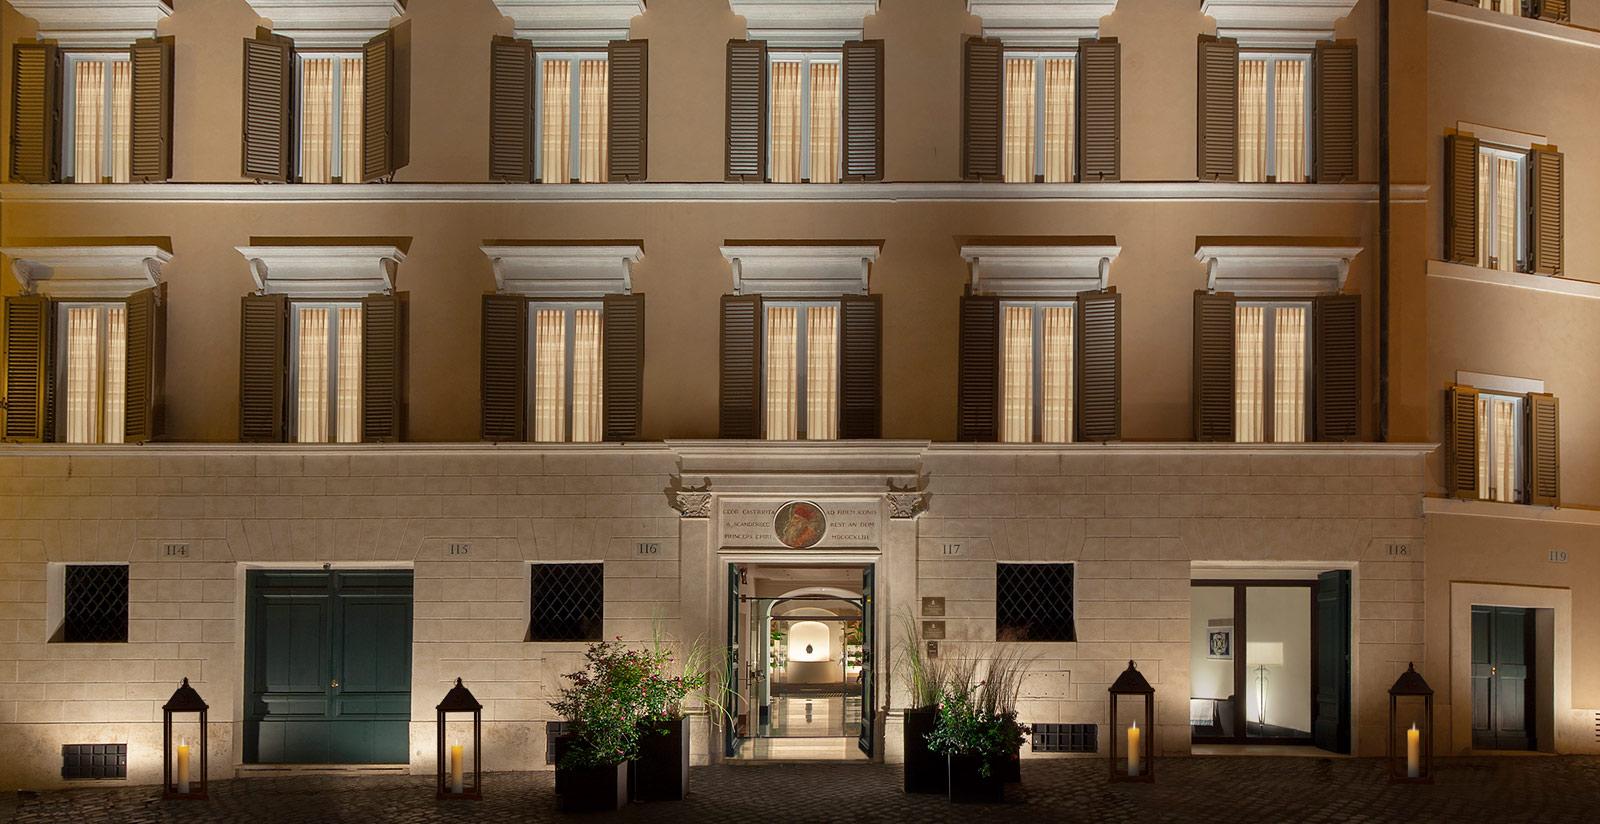 Palazzo scanderbeg appartamenti vacanza roma centro storico for Appartamenti arredati roma